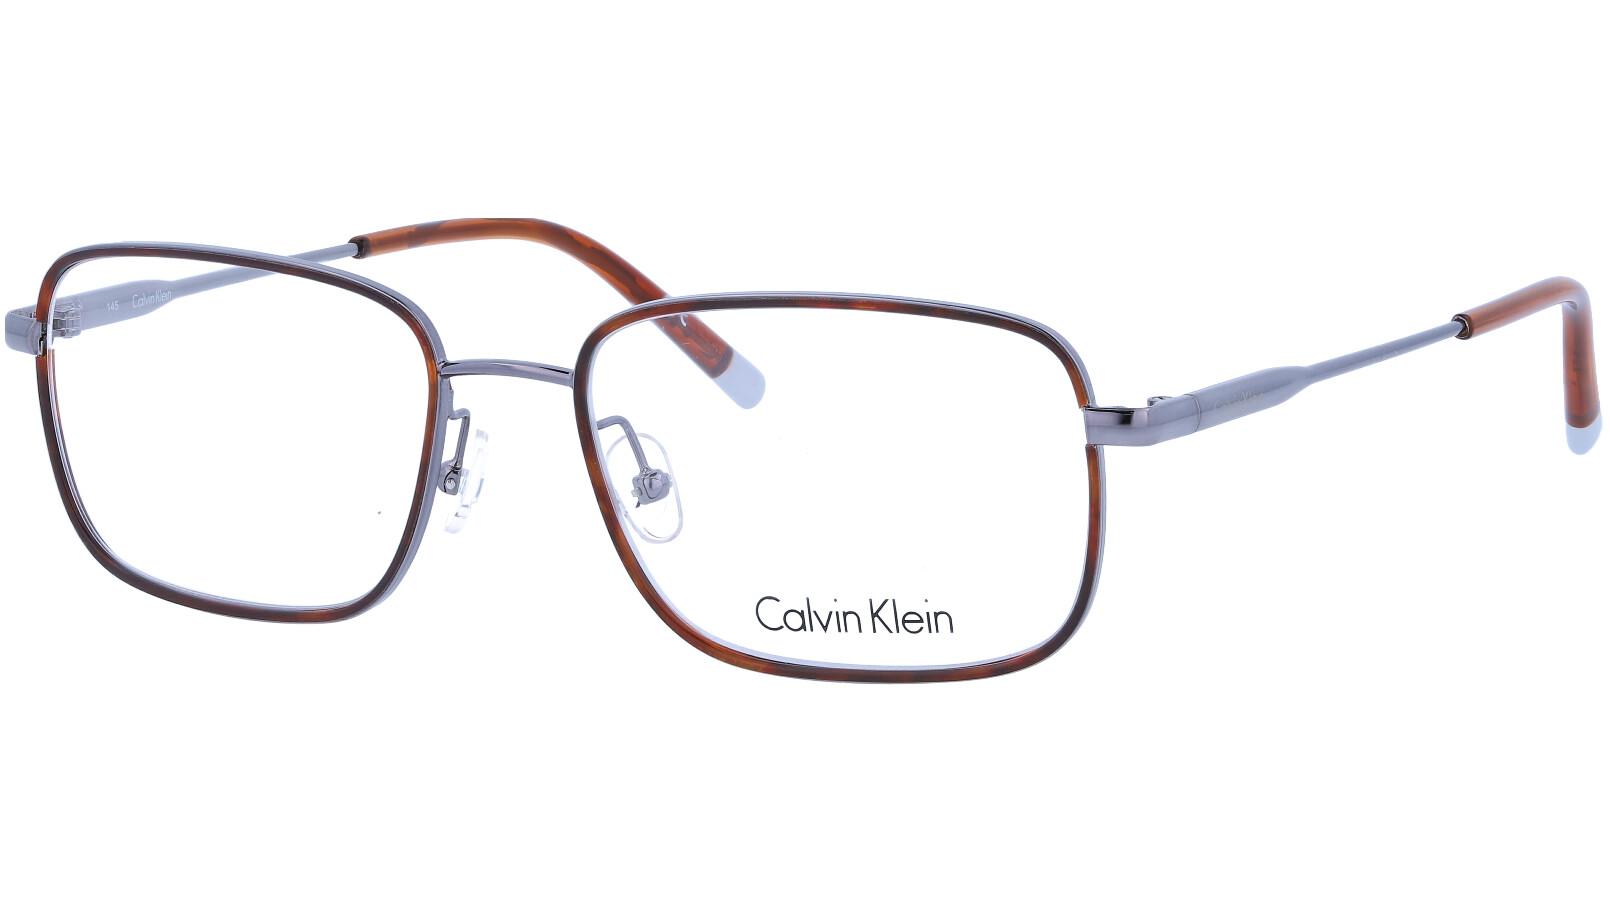 Calvin Klein CK5456 060 55 Platinum Glasses